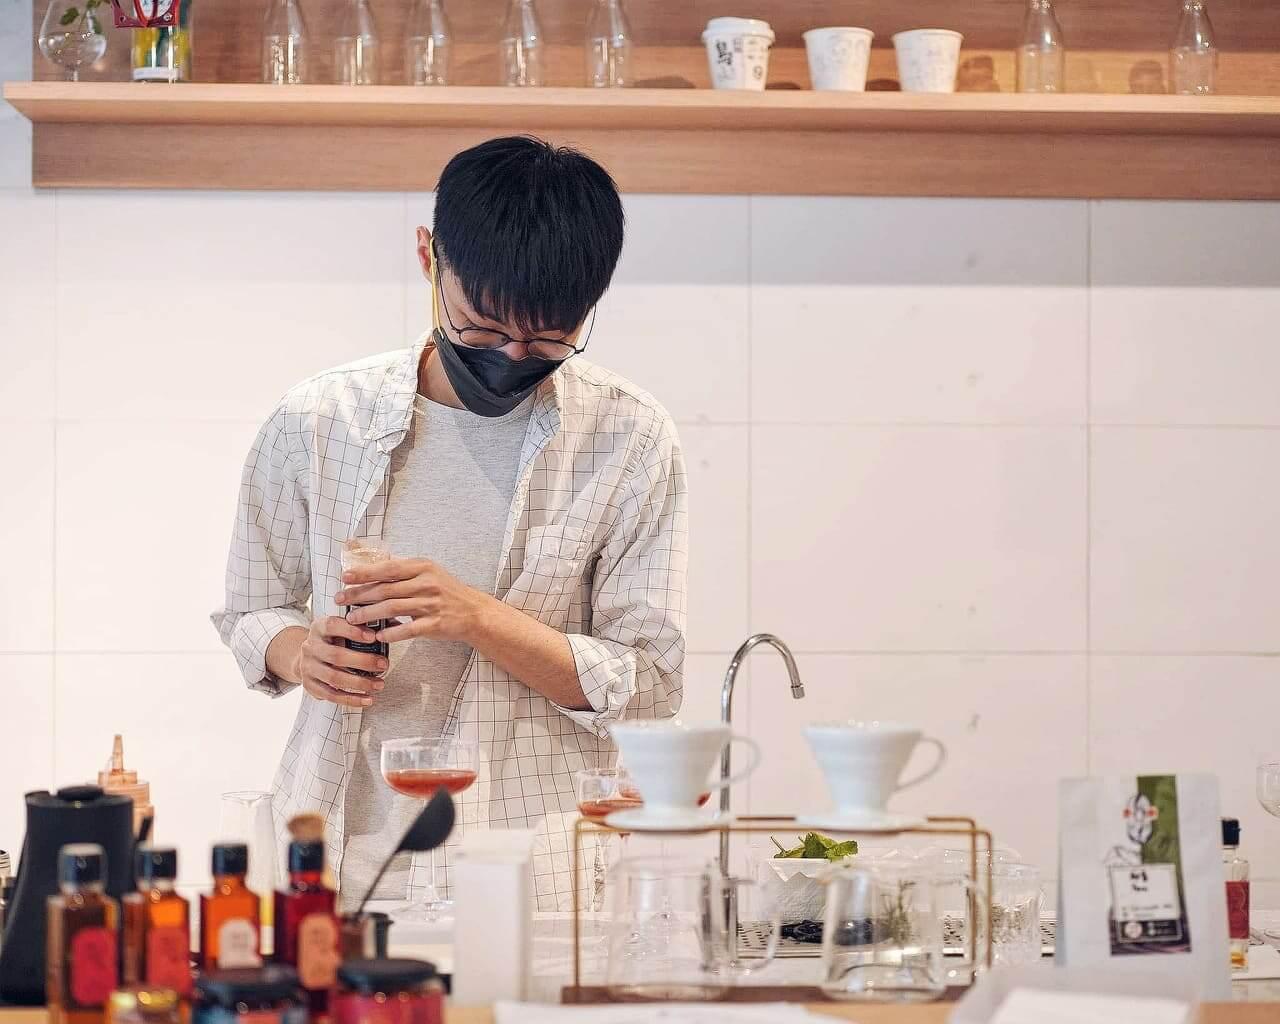 年青咖啡師 Ericsson親自調製辛味特飲。